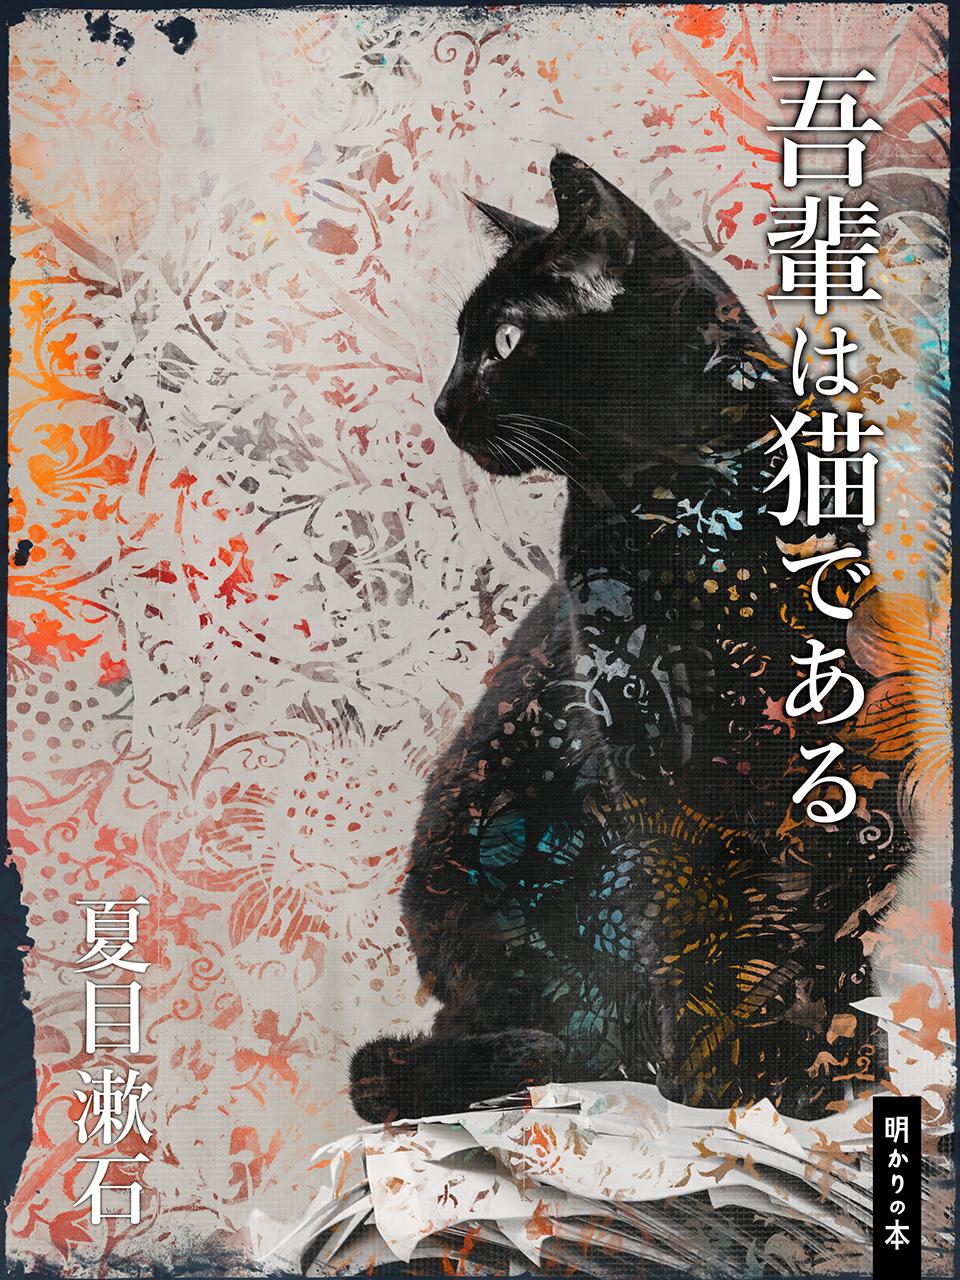 0000 - 夏目漱石 吾輩は猫である